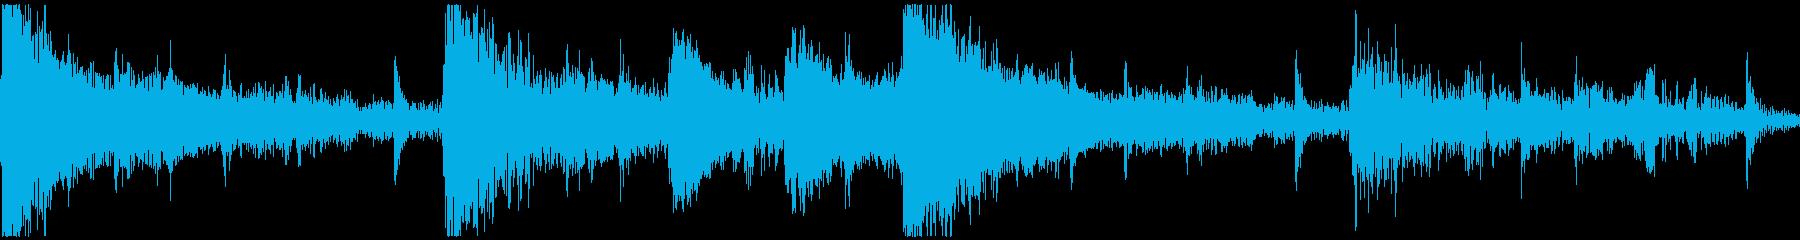 <ショートループ> ピアノ③+ビートCの再生済みの波形